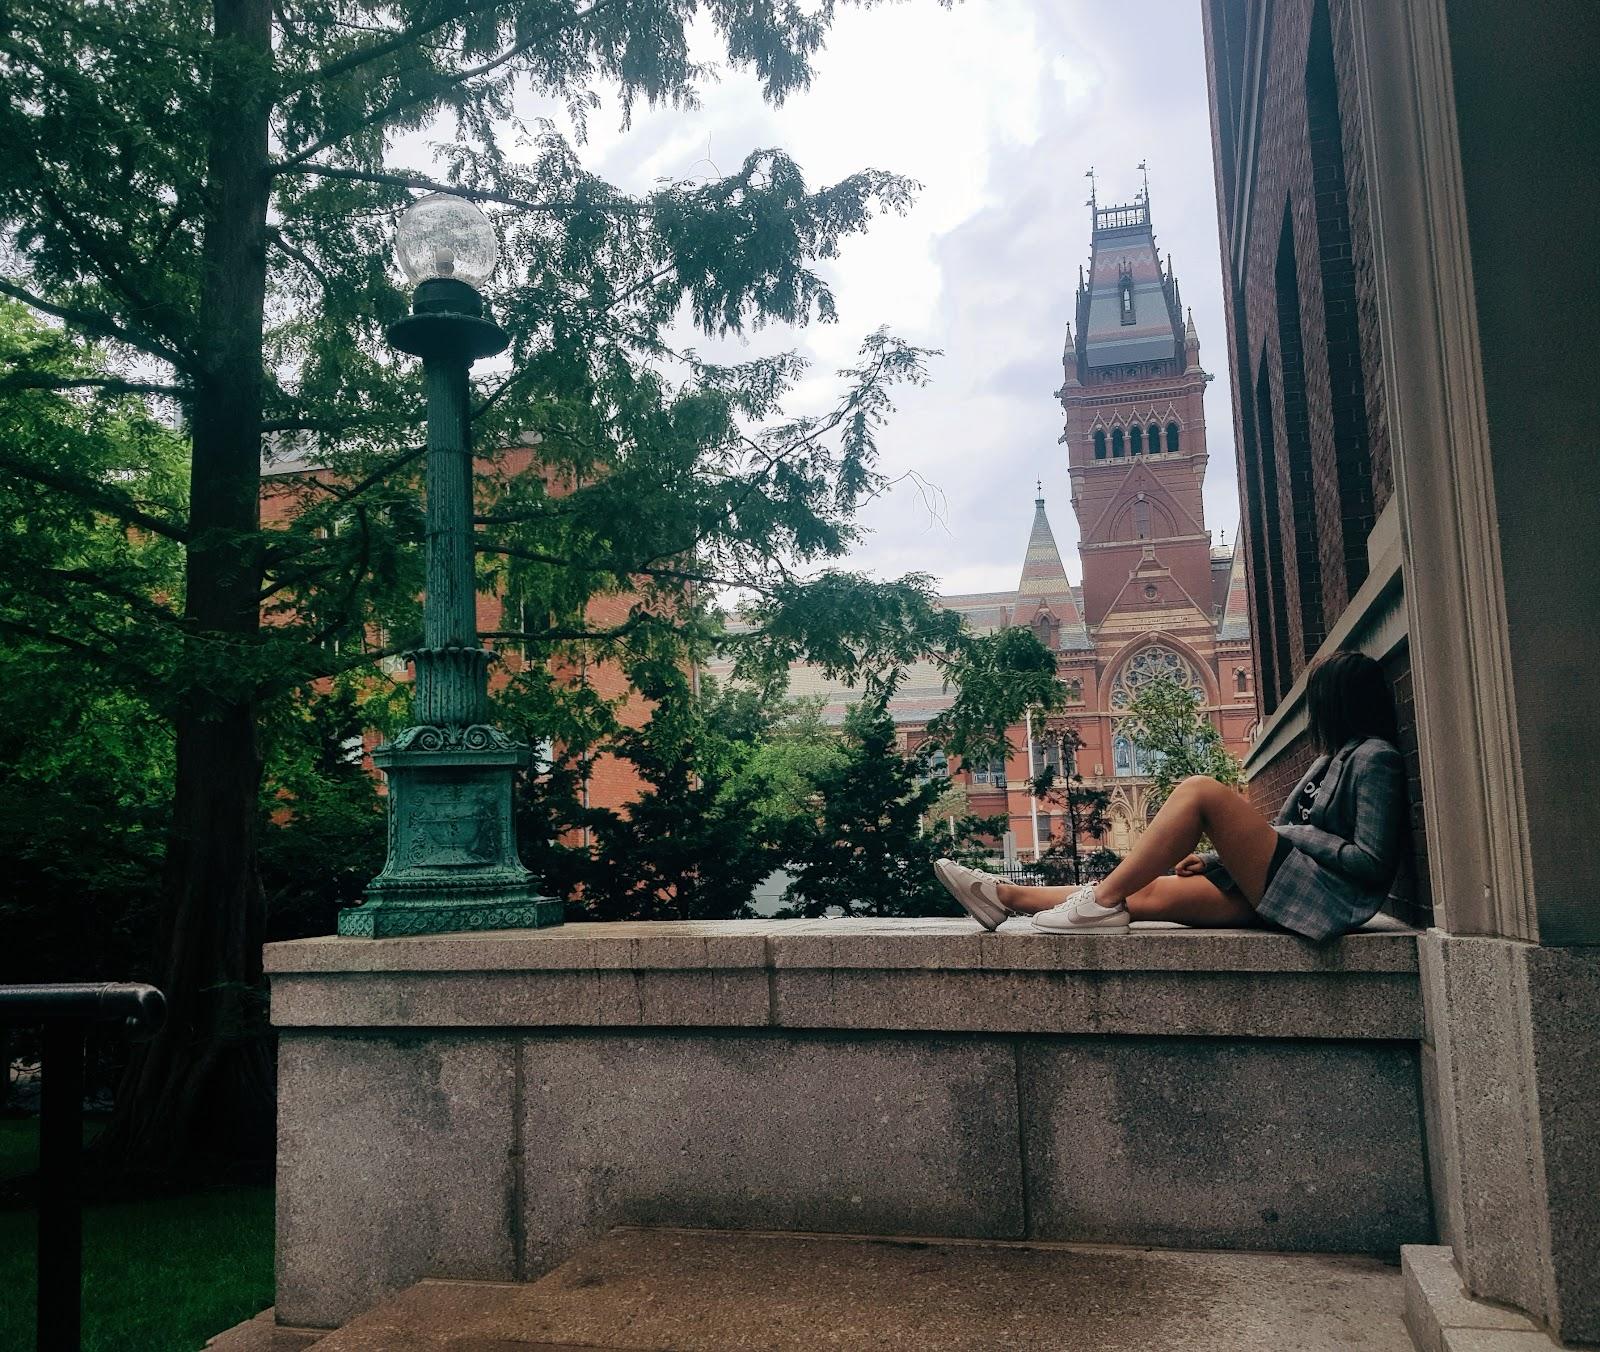 אוניברסיטת הרווארד בוסטון קמברידג' מסצוסטס למה כדאי ללכת